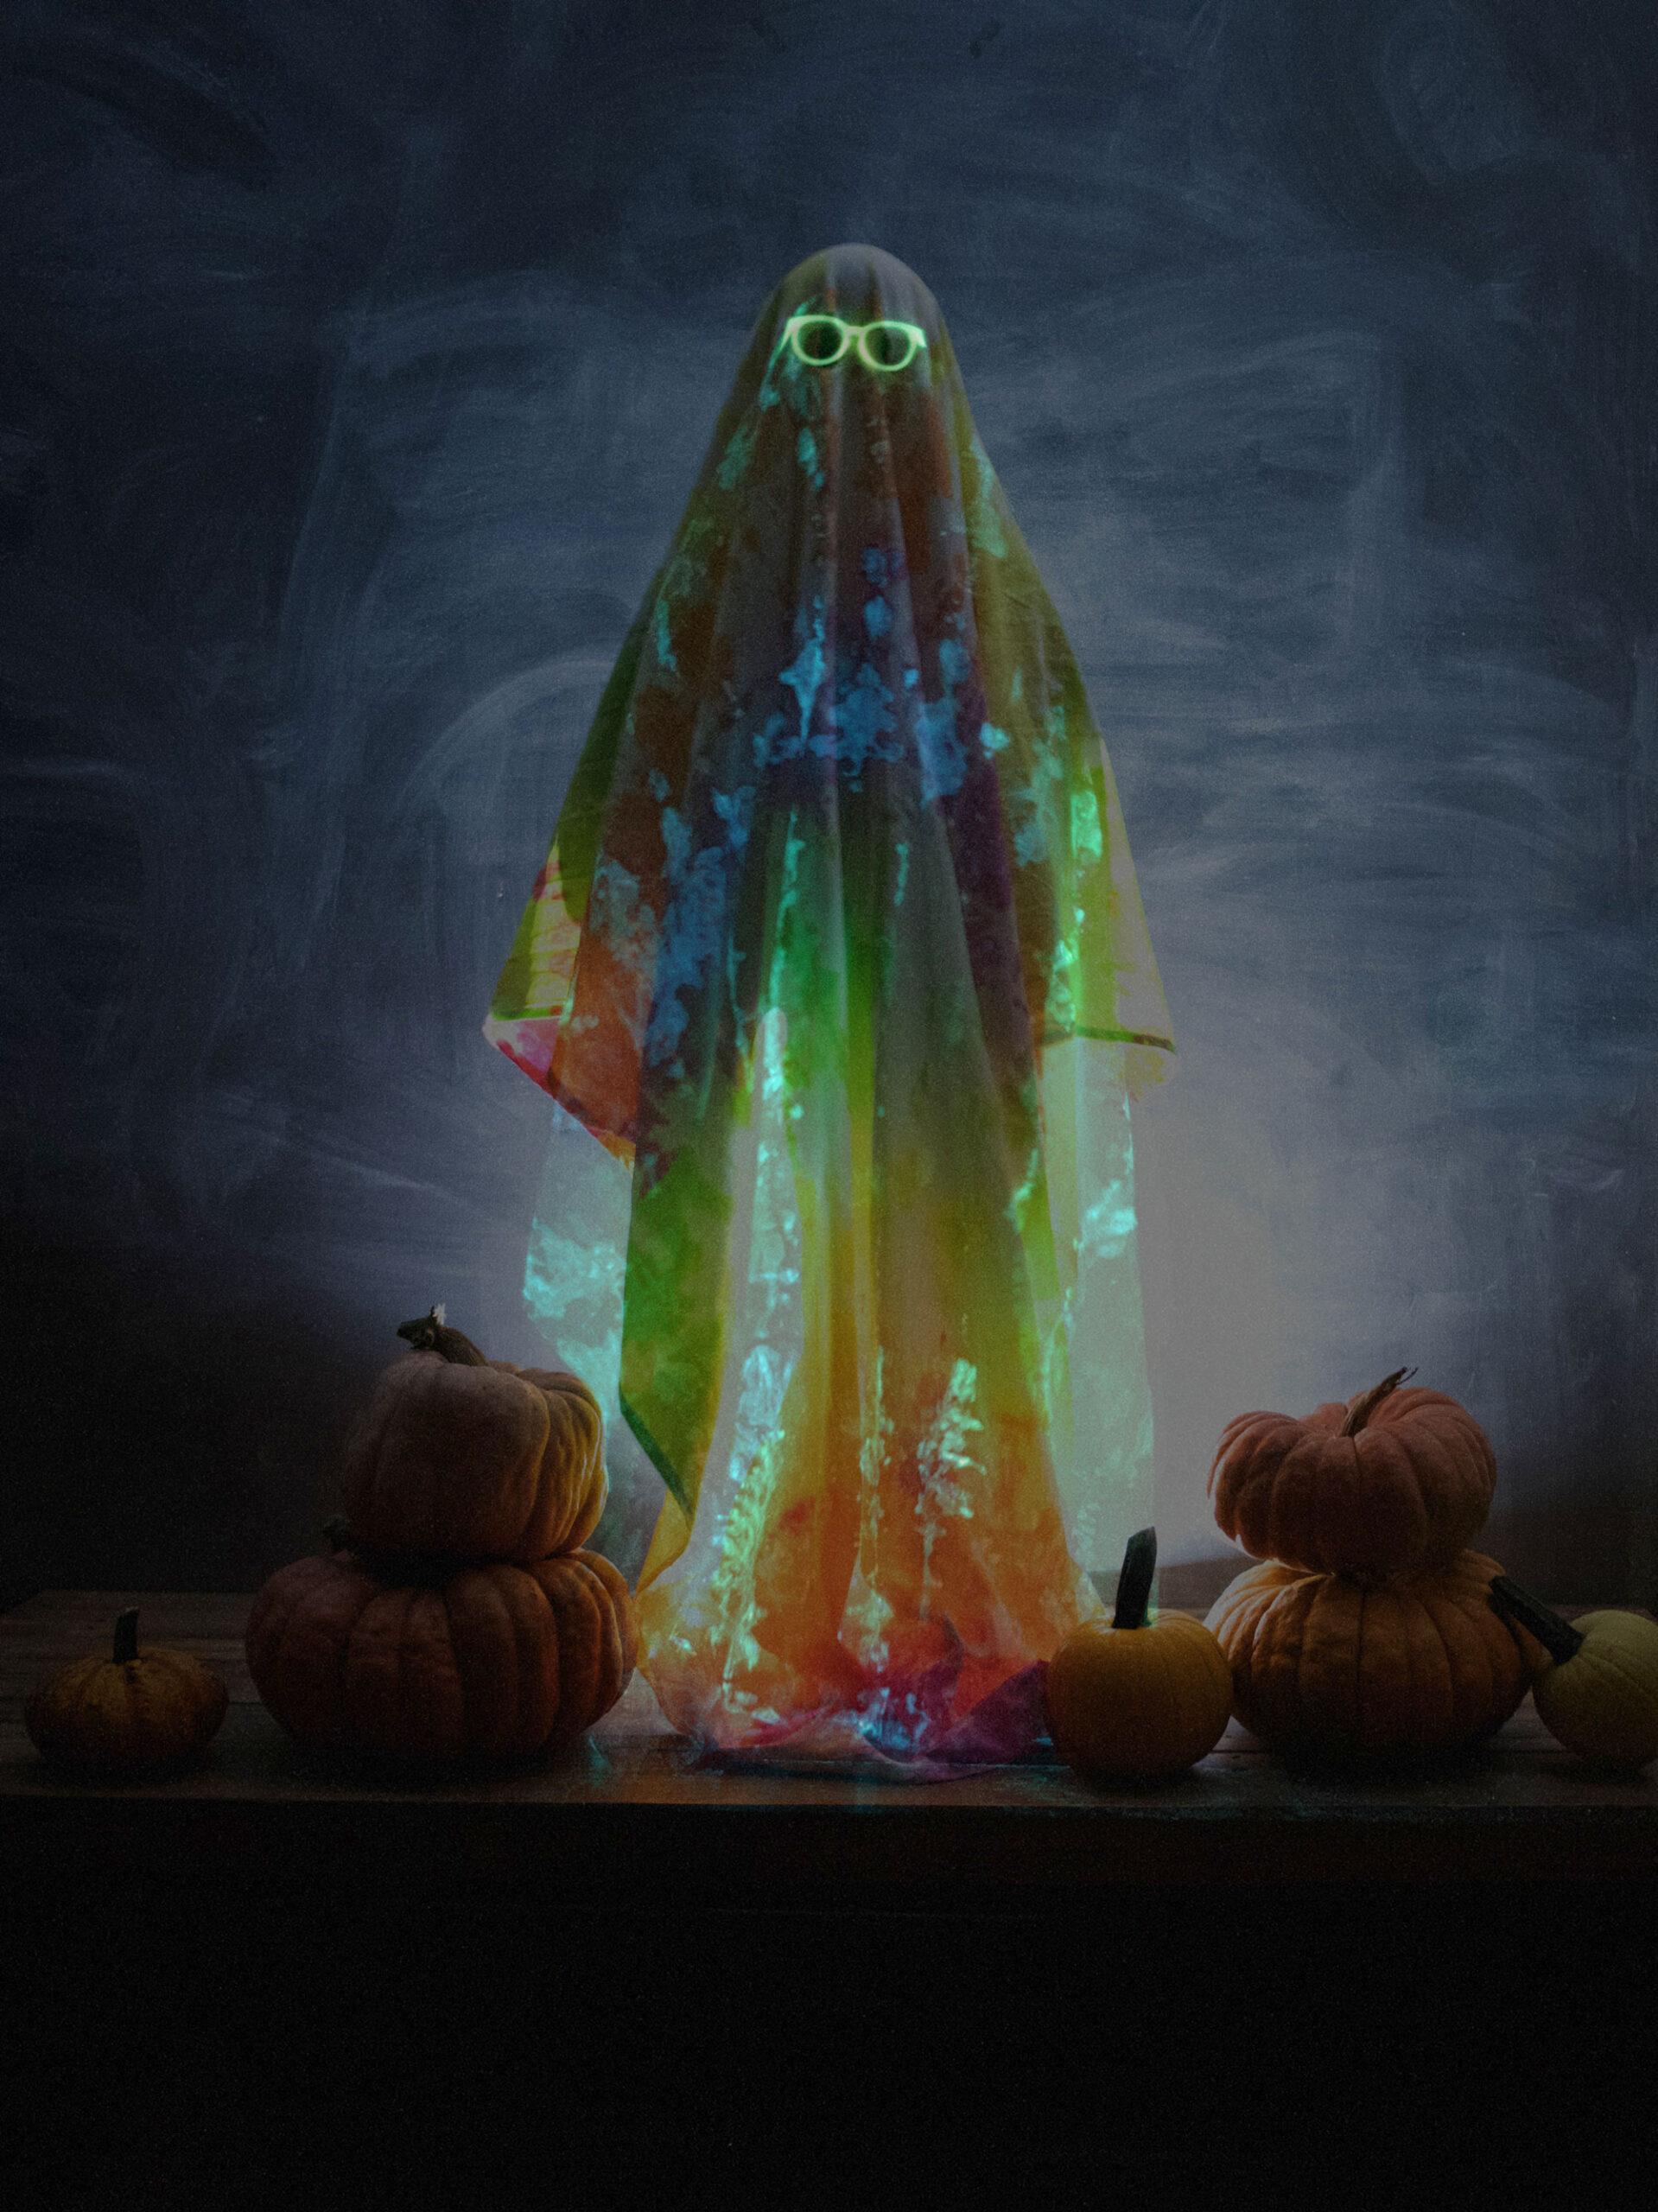 Glow in the dark tie dye, glow in the dark Halloween costume, Halloween costume idea, glow in the dark Halloween ideas